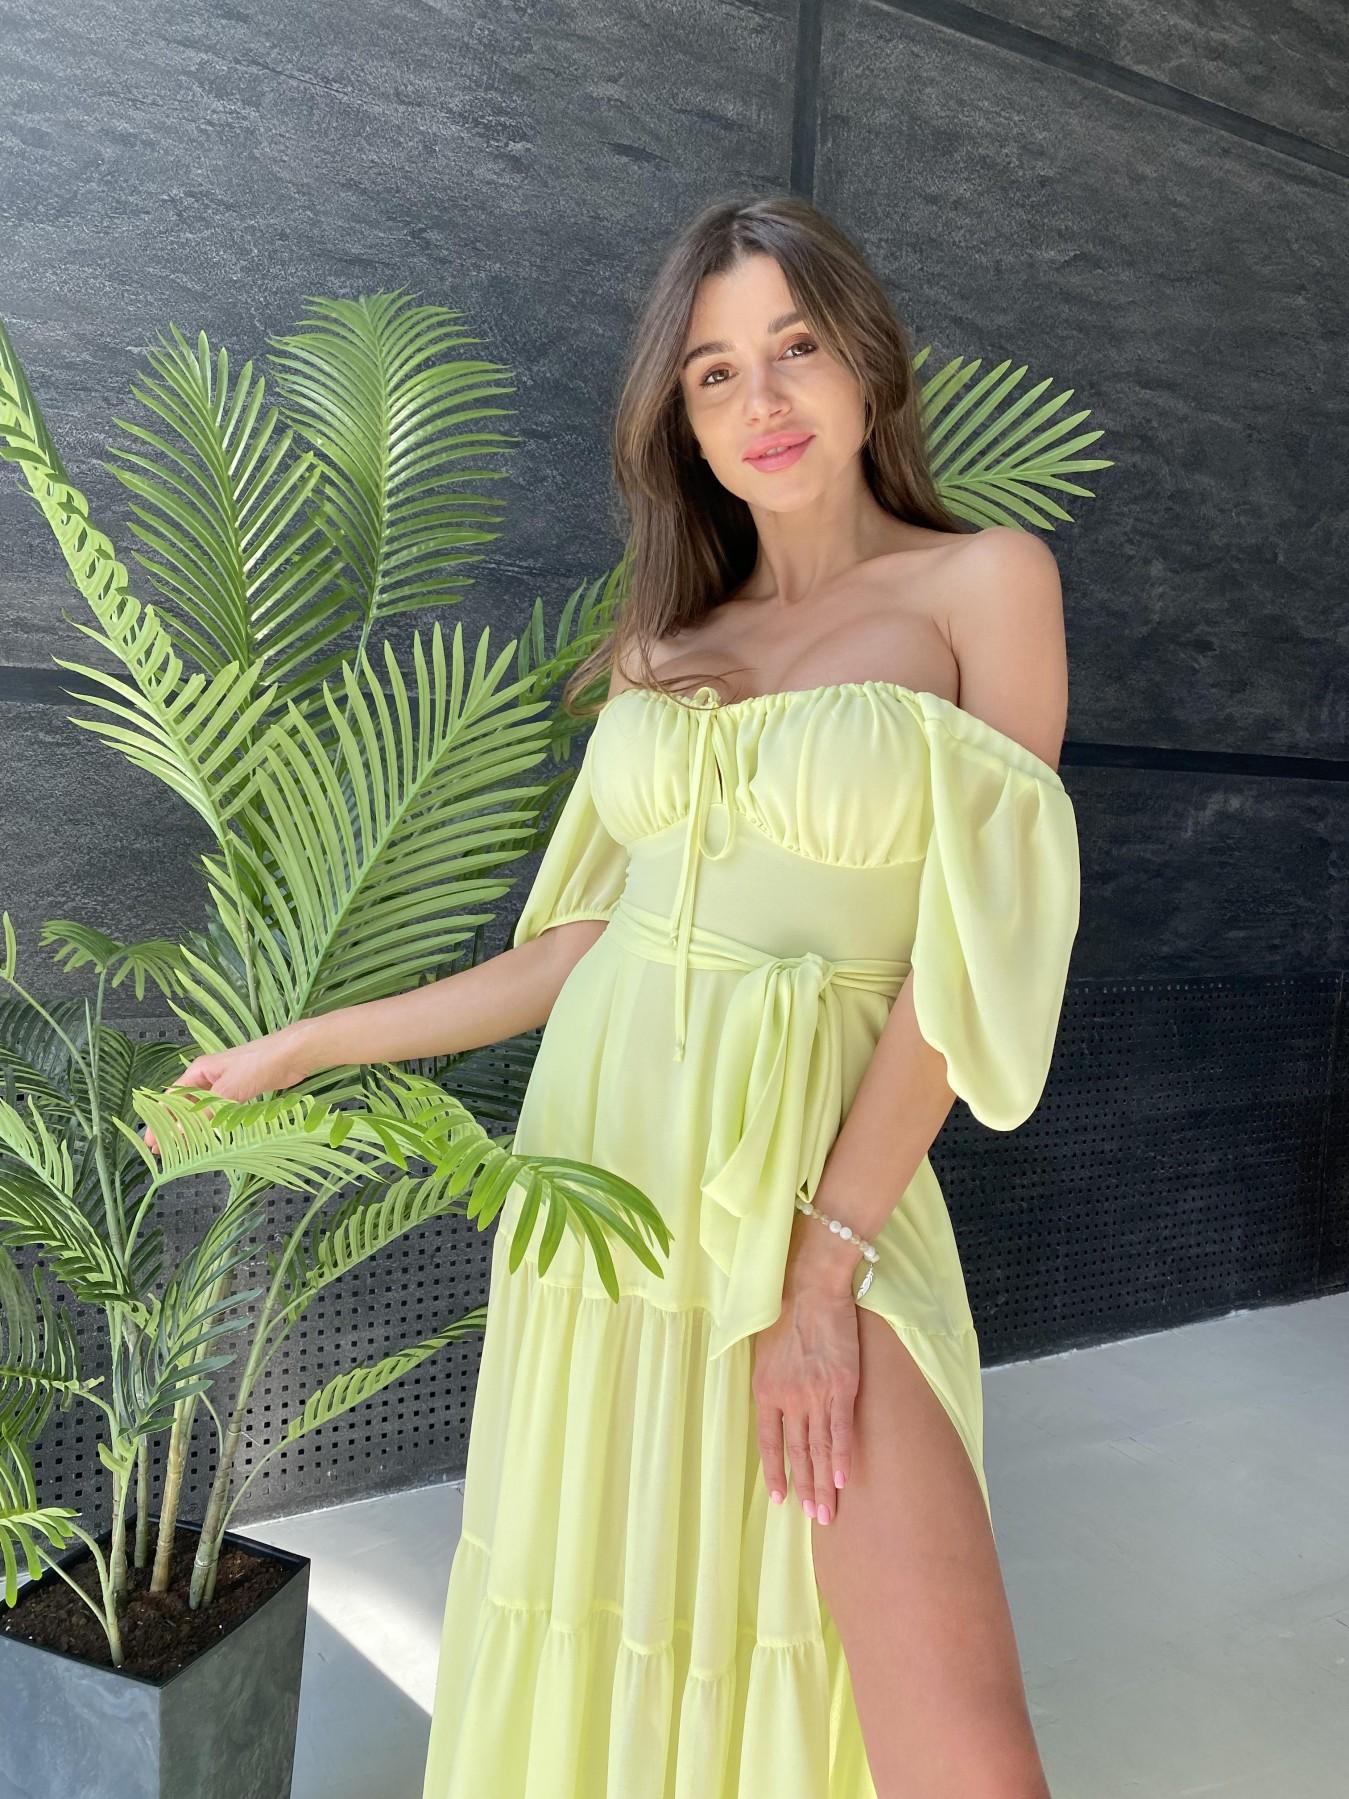 Сейшелы платье креп шифон 11519 АРТ. 48161 Цвет: Желтый - фото 9, интернет магазин tm-modus.ru